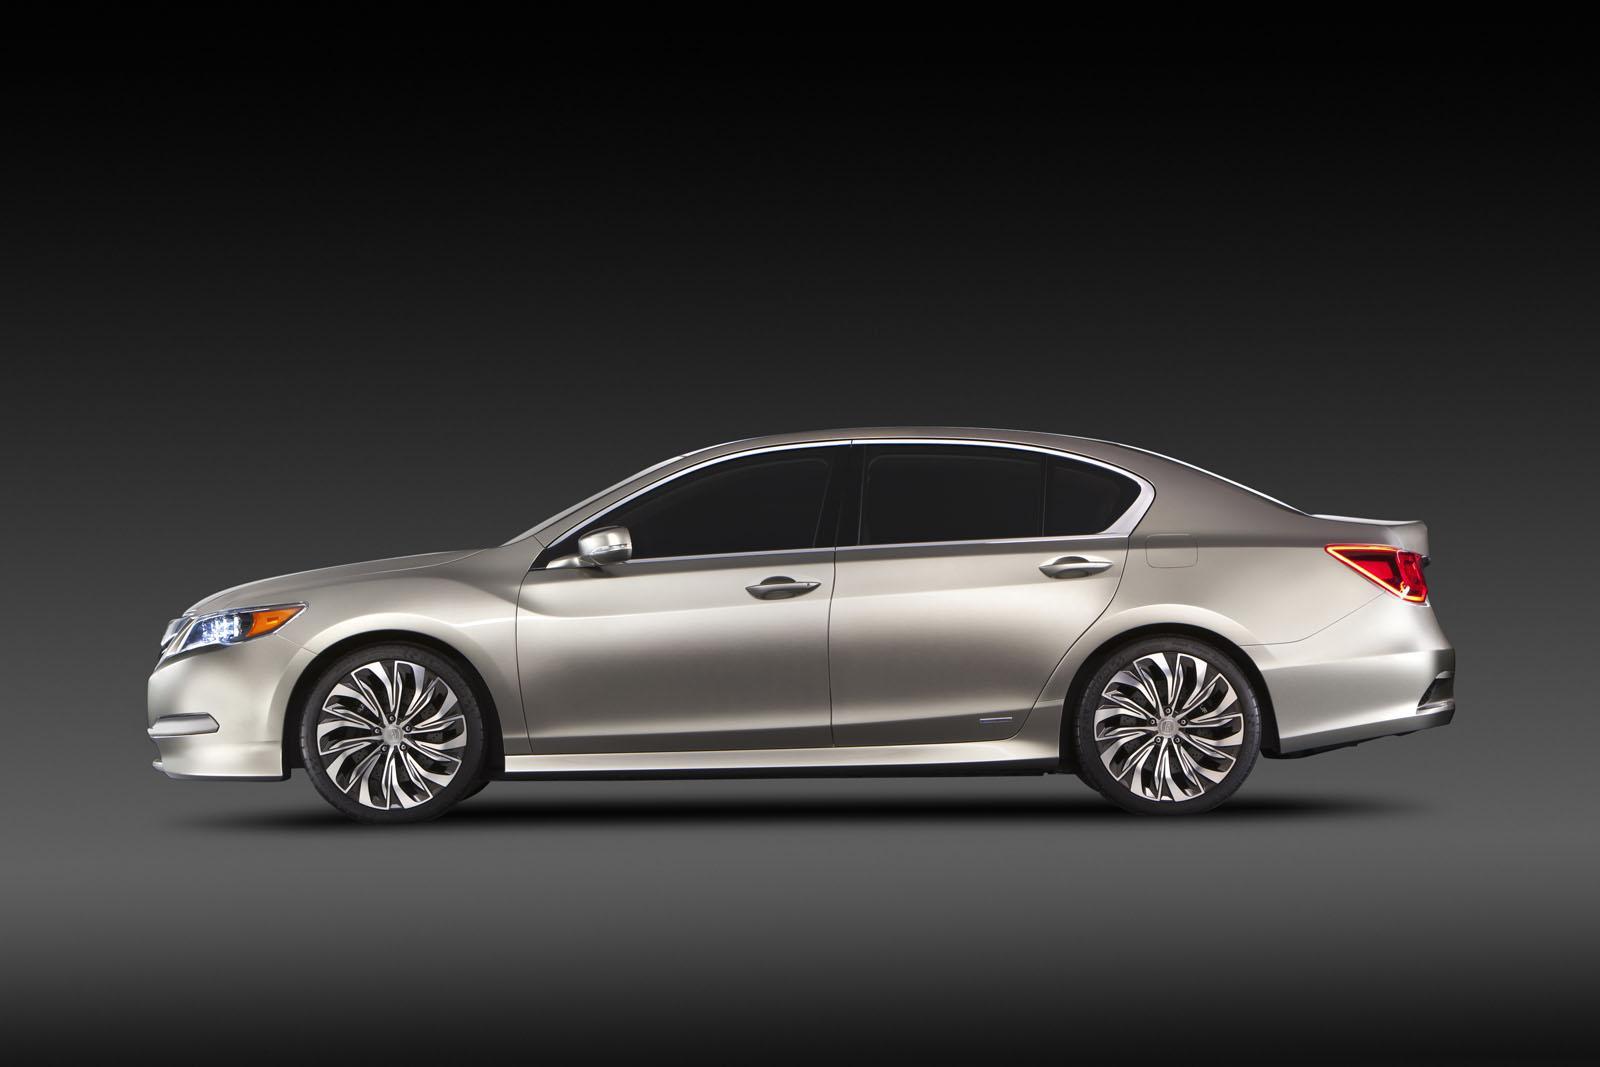 2014 Acura RLX previews next Honda Legend - ForceGT.com